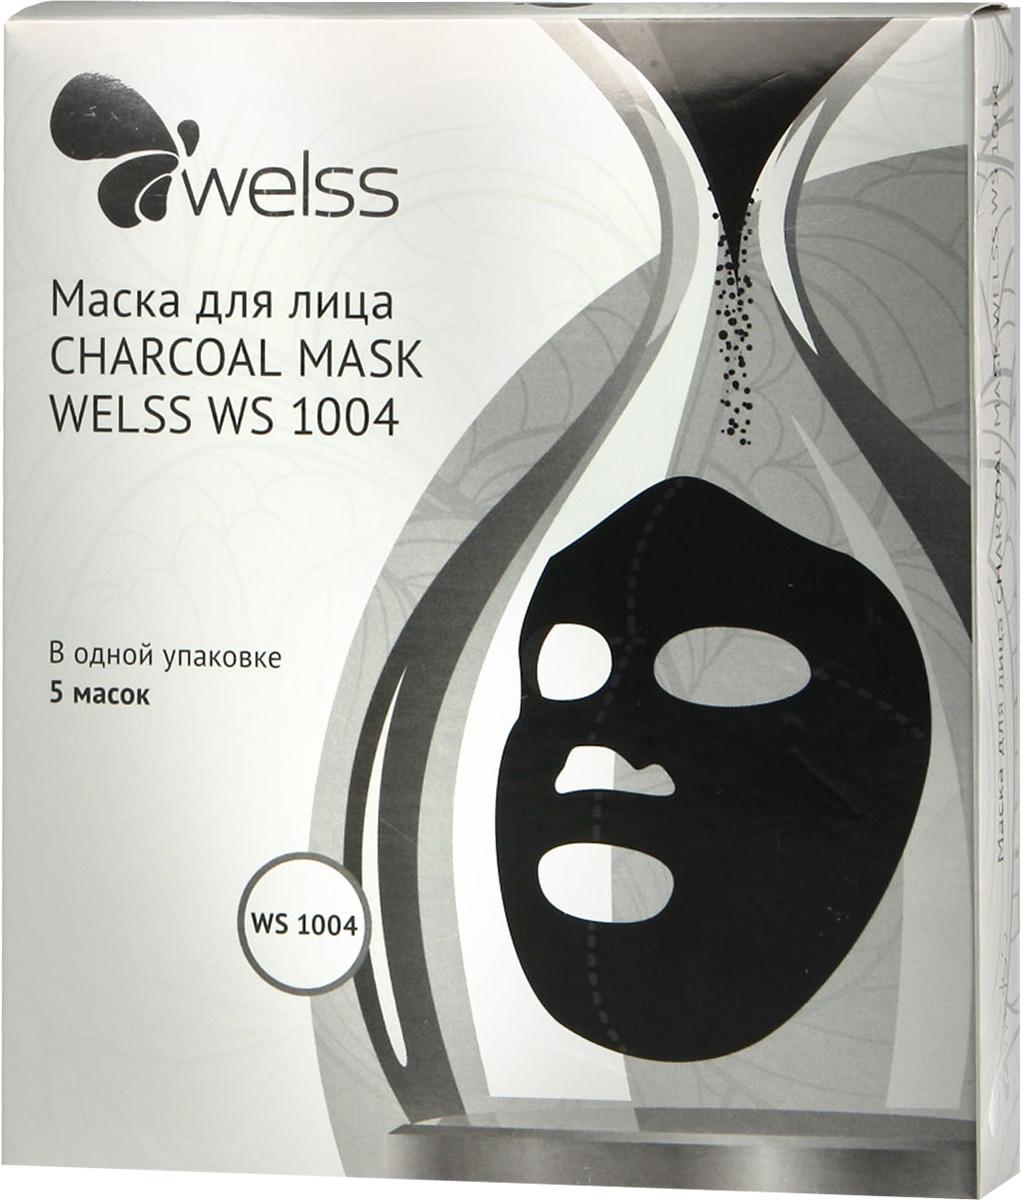 Маска для лица CHARCOAL MASK WELSS WS 1004 (упаковка 5шт)FS-00897??Черный уголь куродзуми из японского дуба Каси, получаемый обжигом древесины при низкой температуре – 400–700°С, не зря называют «Чёрным золотом!». Глубокое очищение пор, возвращает эластичность и тонус коже, сужение расширенных пор, баланс влаги в коже, возвращает здоровый цвет лица, делает кожу нежной, гладкой и увлажнённой.